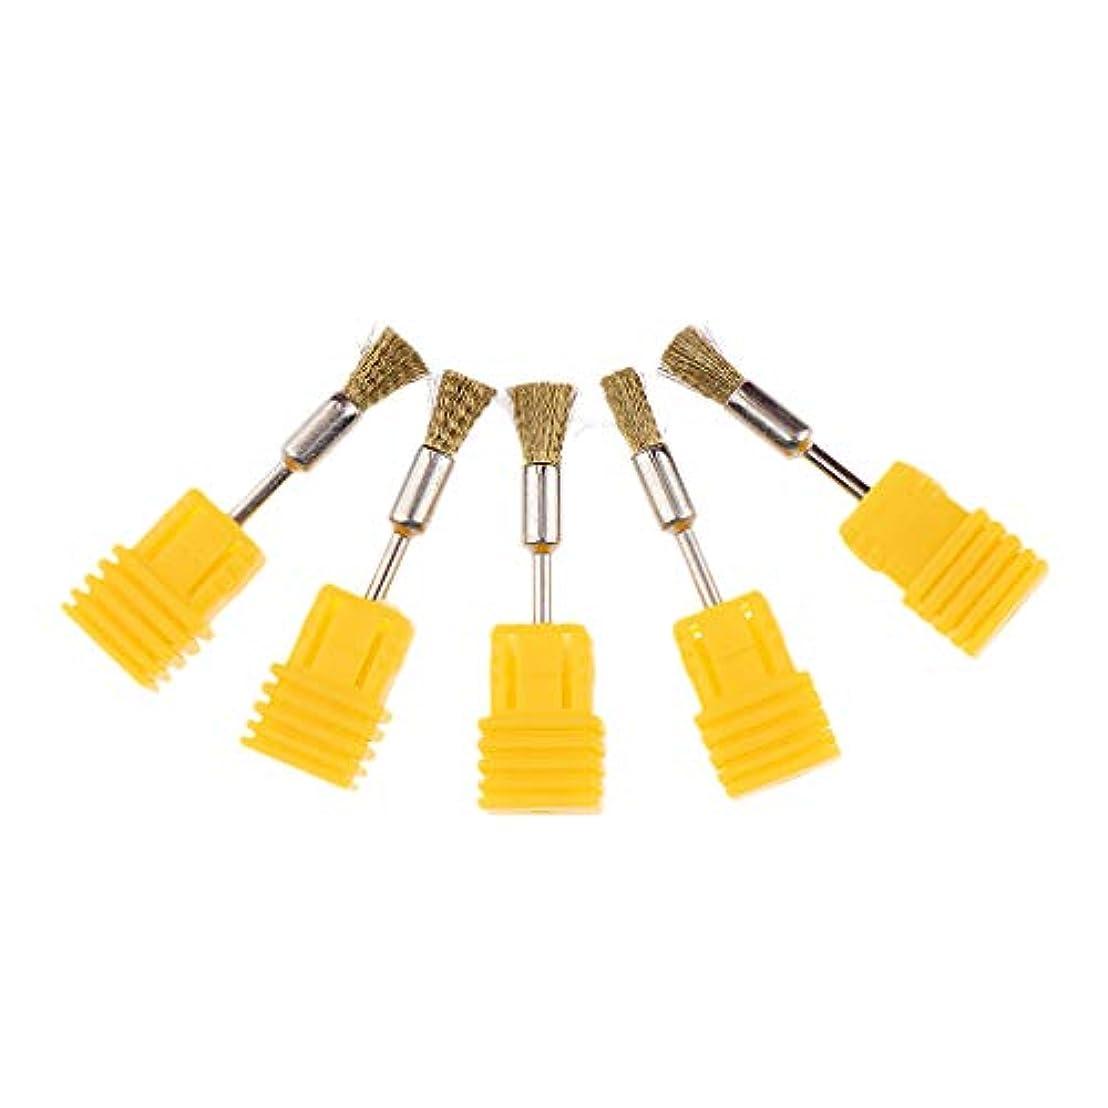 モスクトリプル松の木5パックネイルドリルビットクリーニングブラシセットマニキュアファイル電気ビットダストクリーナーブラシ、黄色